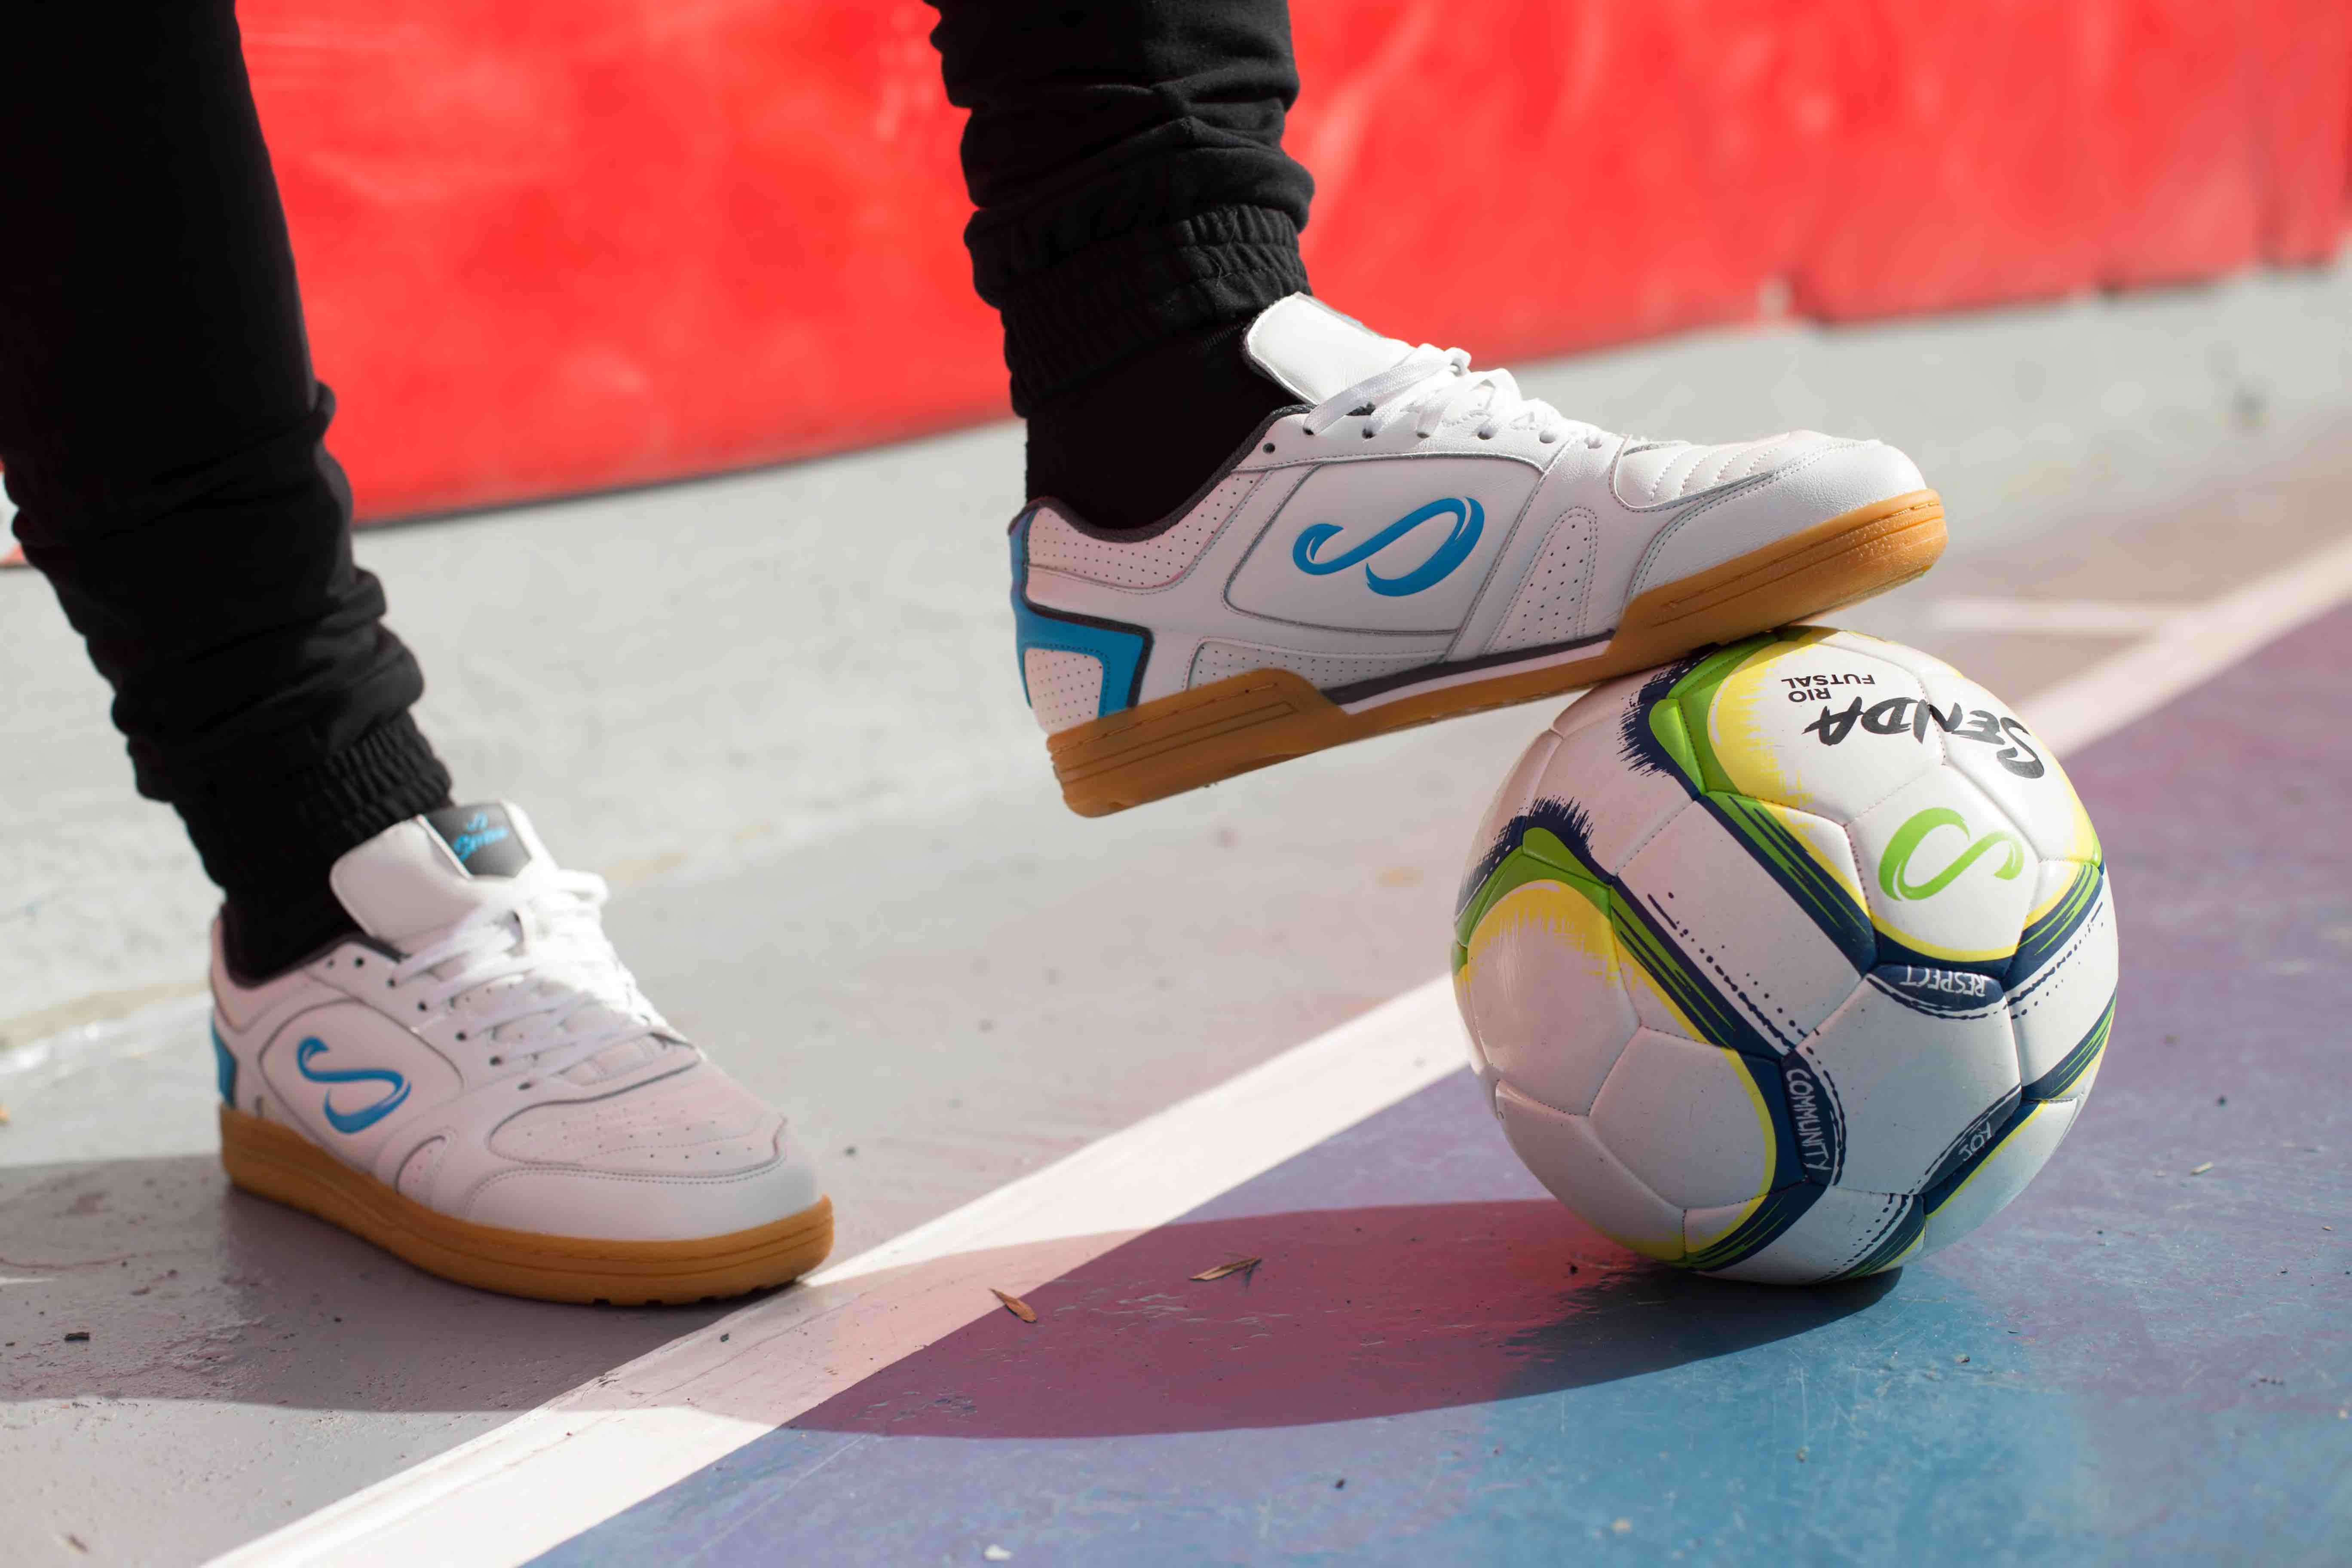 Cordoba futsal shoes by Senda